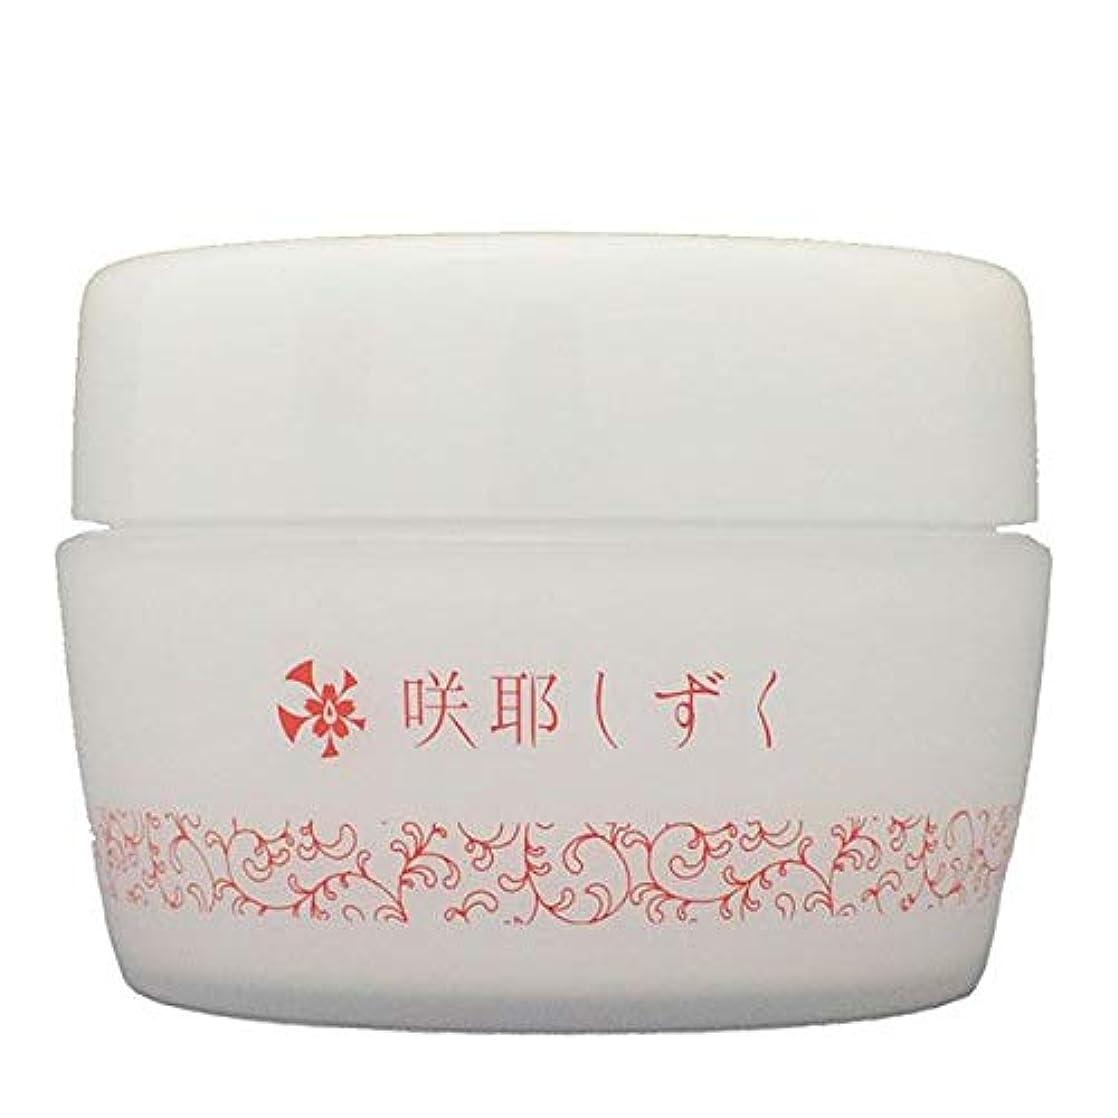 厚くするモジュール剣咲耶しずく クリーム 乾燥肌 さくやしずく 敏感肌 エムズジャパン M's Japan ms-sge01